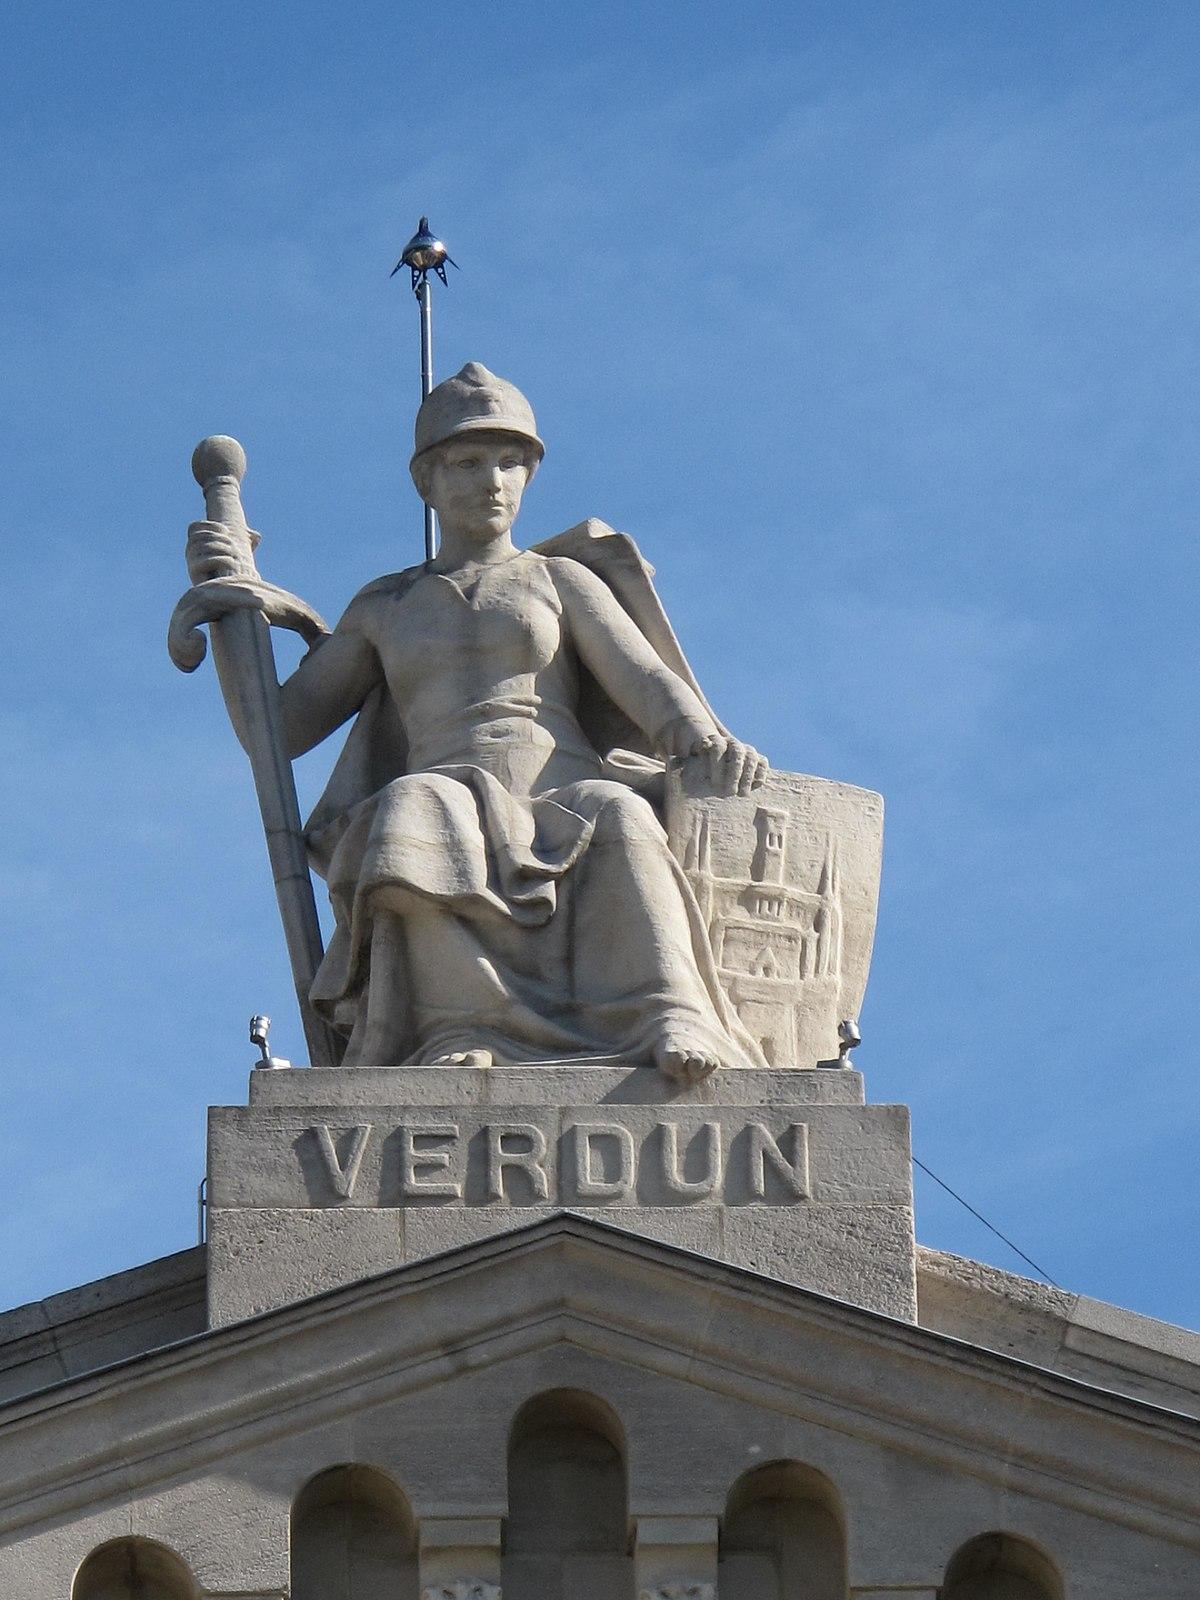 Dating Woman Verdun